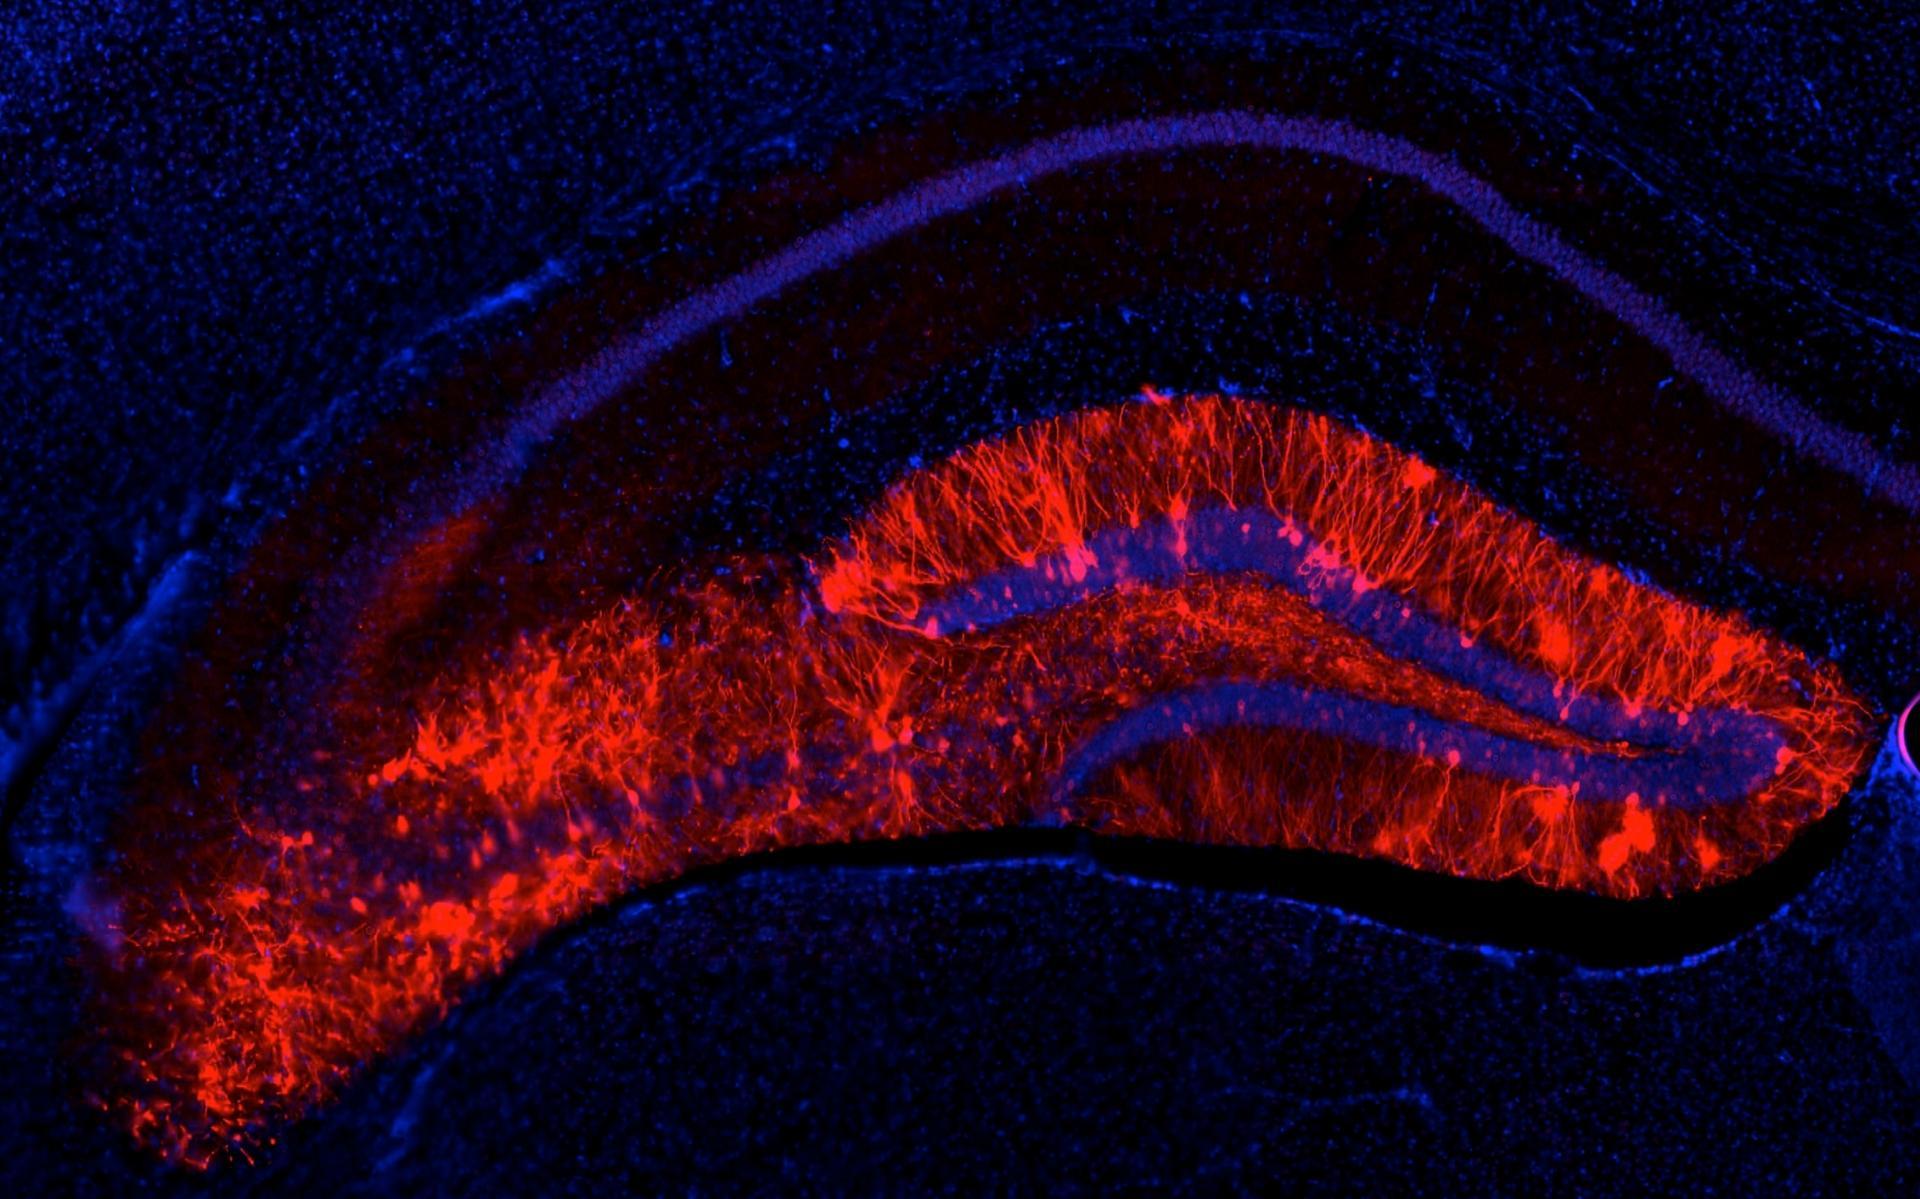 Эксперименты на гиппокампе показали, как улучшать или подавлять память